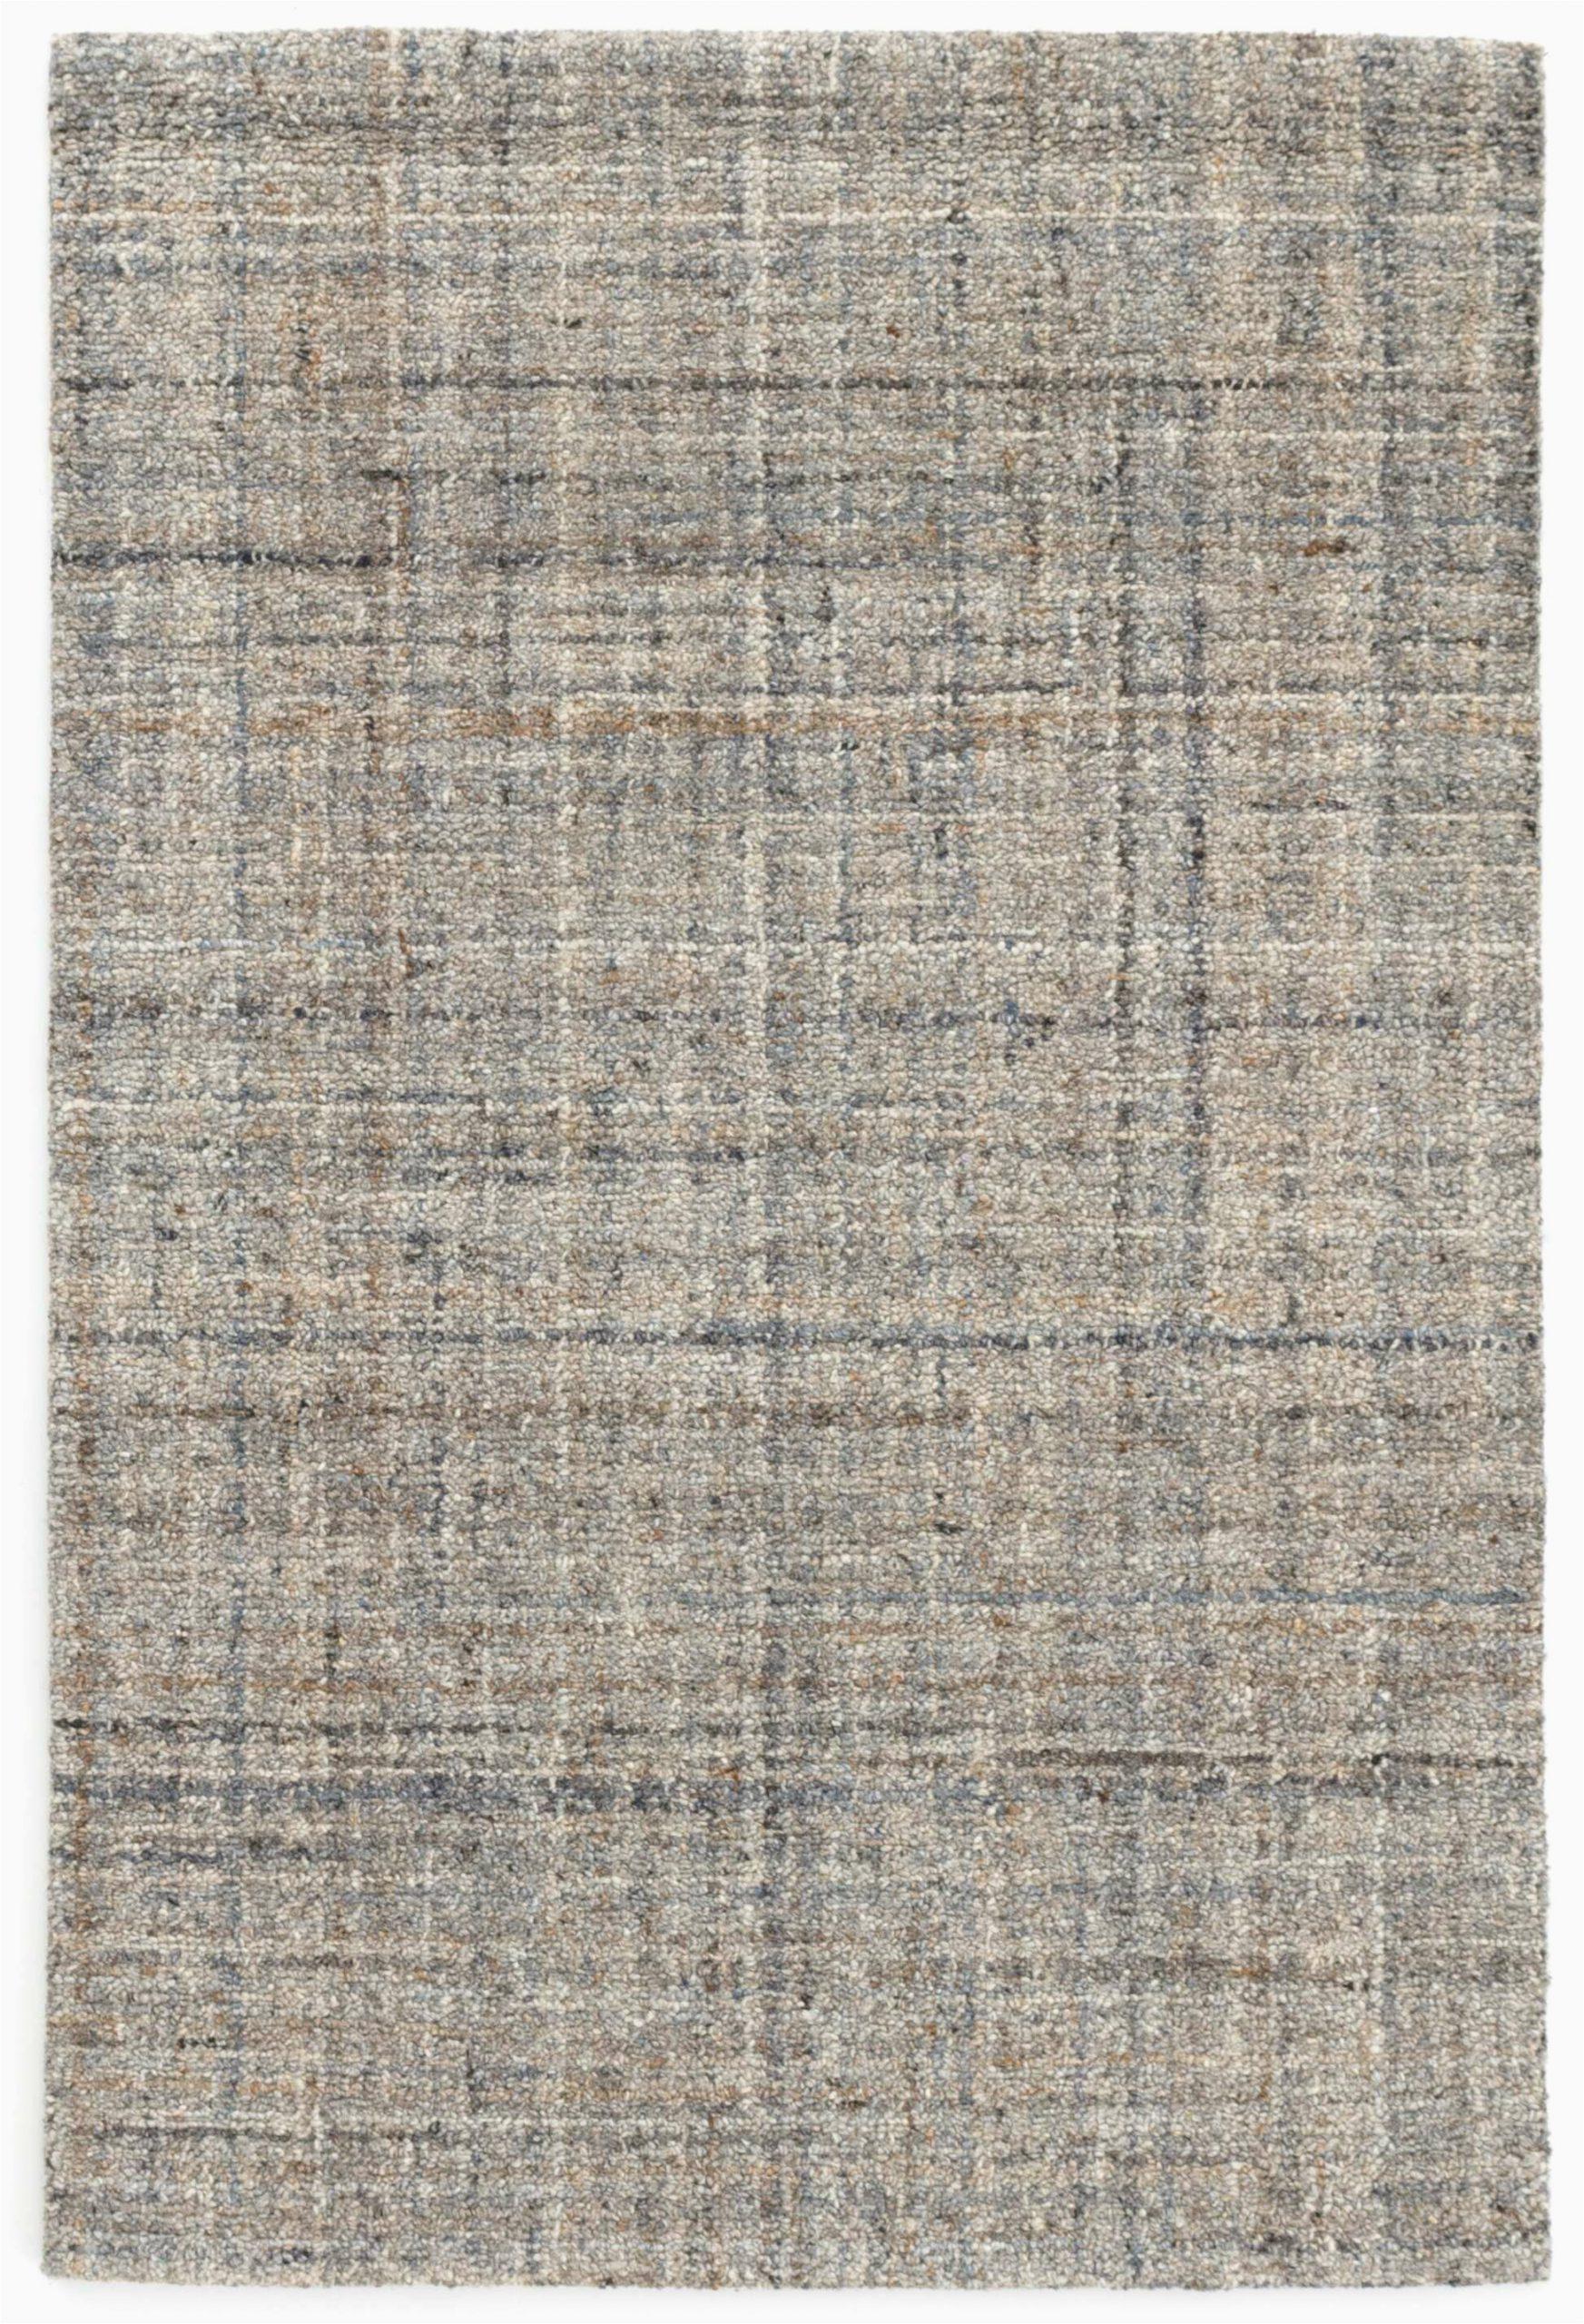 harris micro hand hooked wool grayblueblack area rug